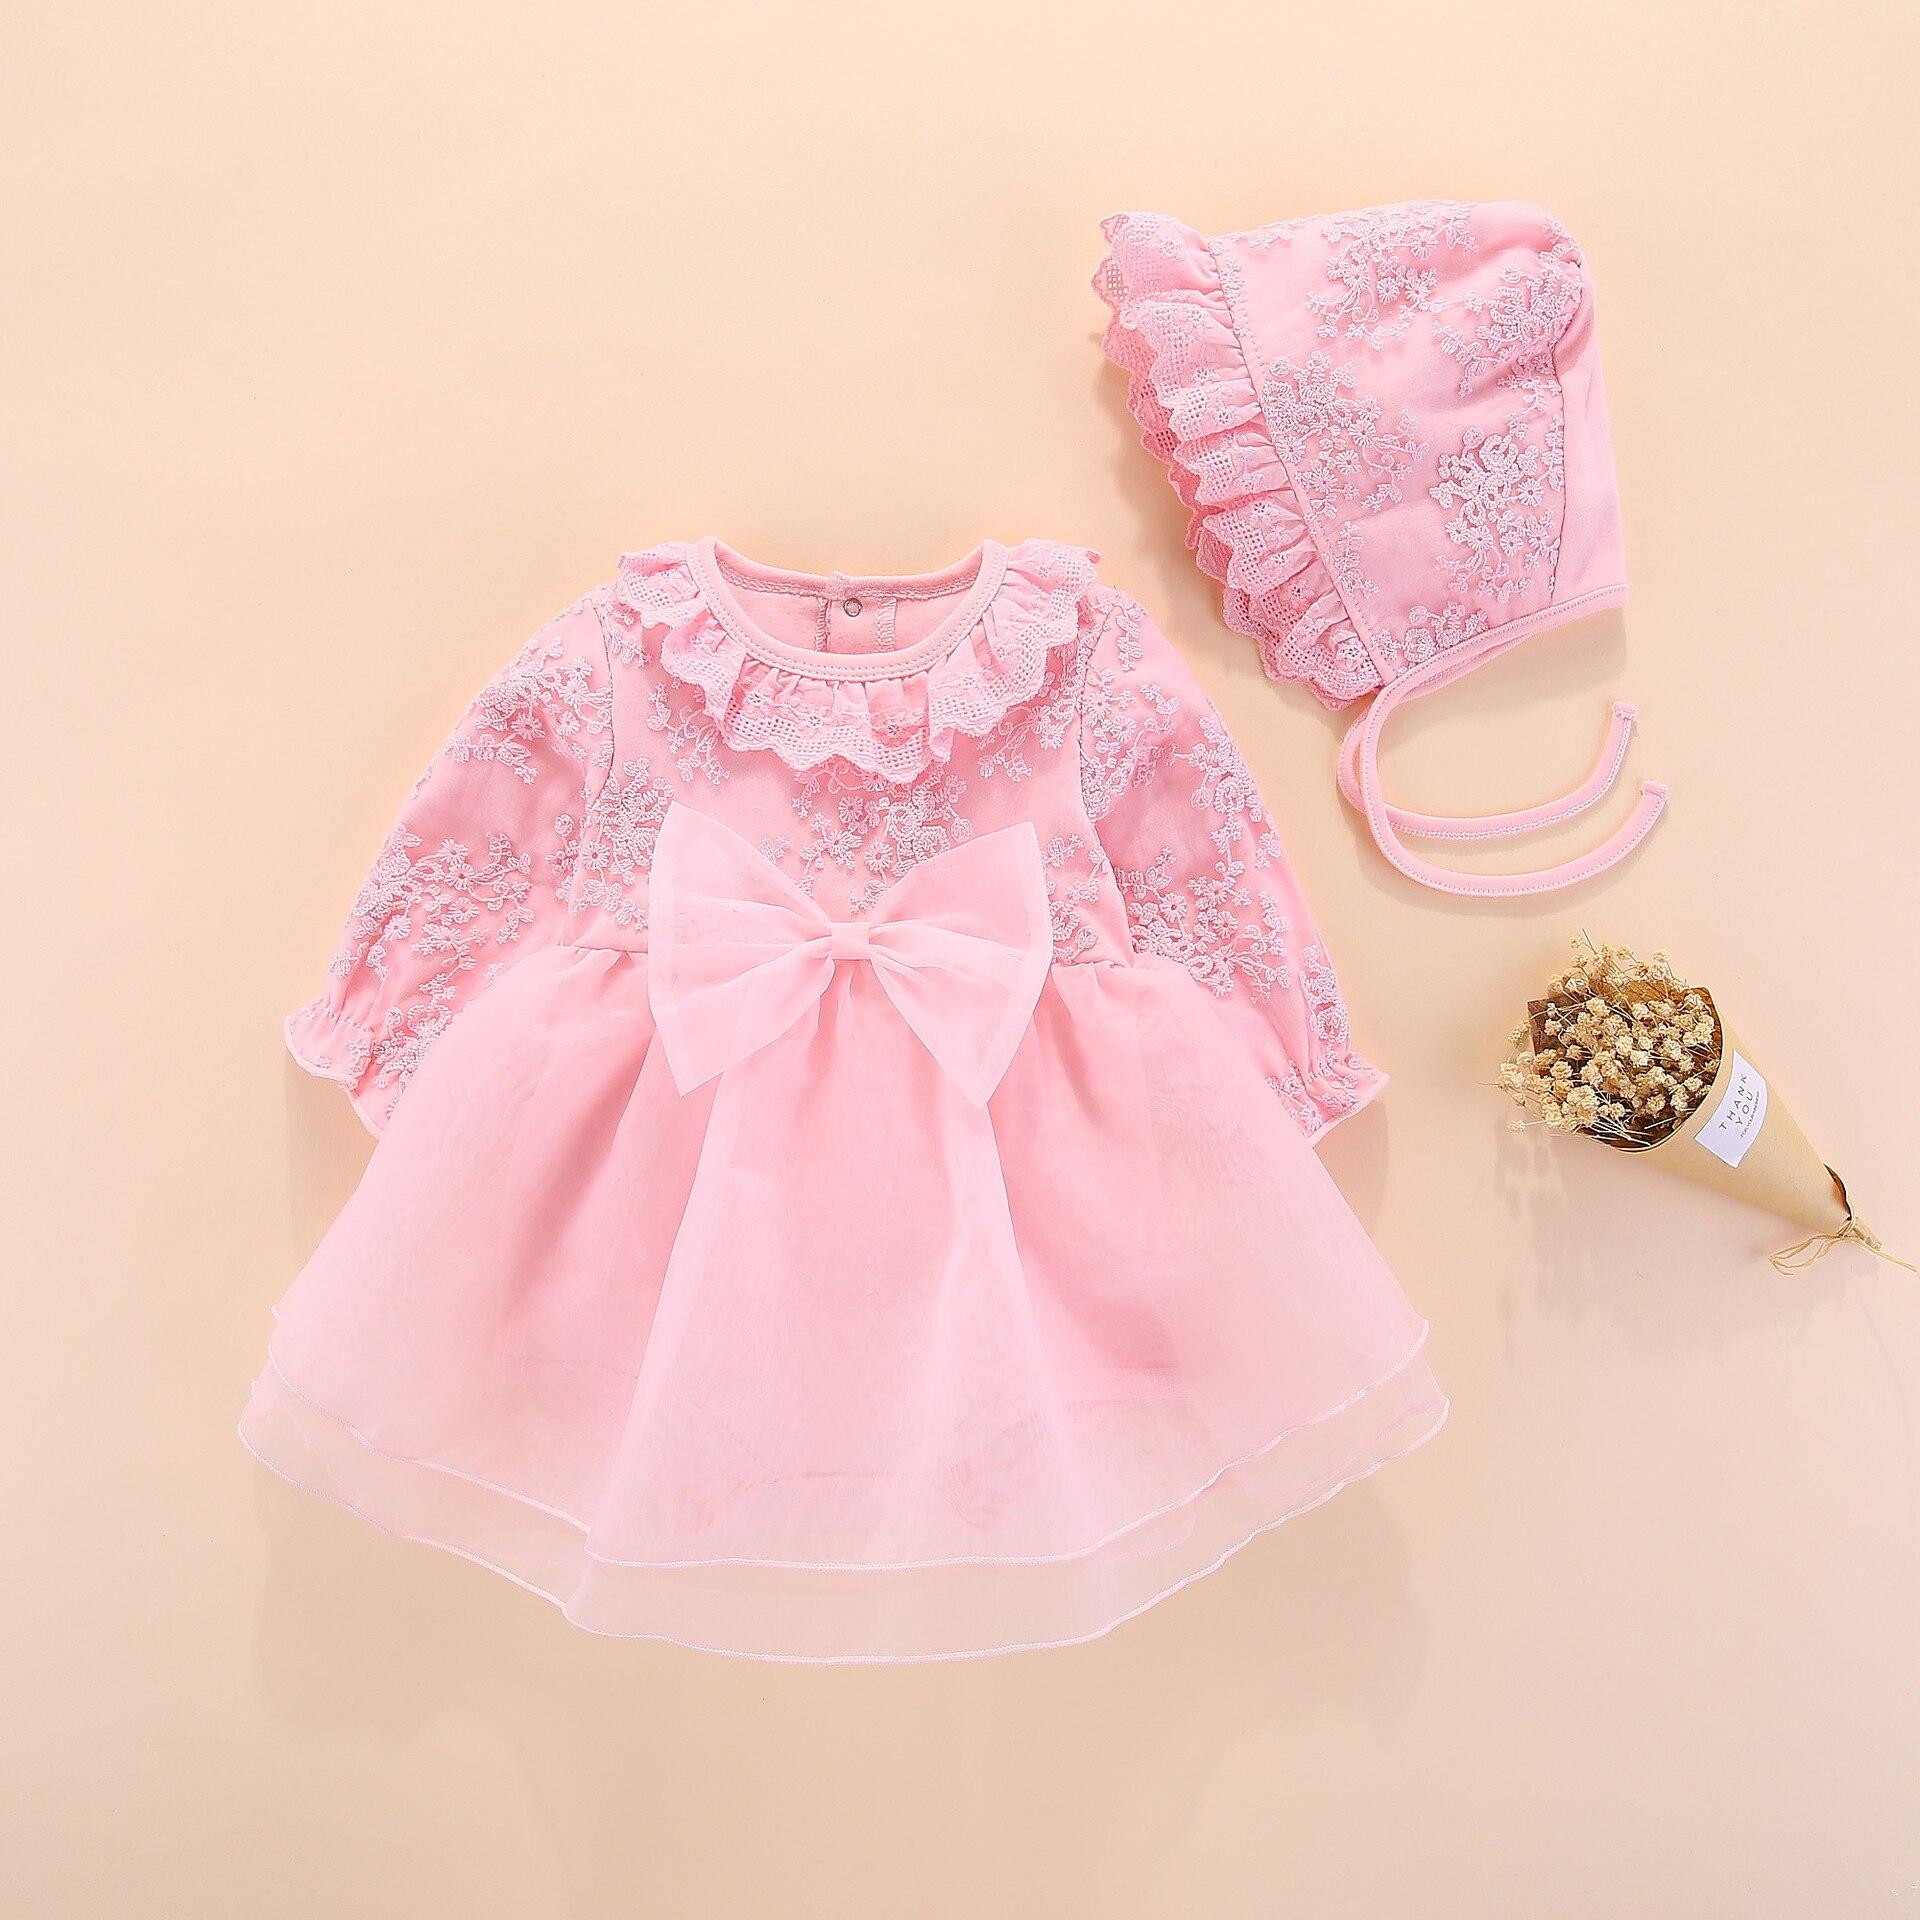 ebef8d269 Bebé de manga larga vestido niñas princesa boda bautismo niños vestidos de  bebé recién nacido niña ropa rosa con sombrero de encaje estilo